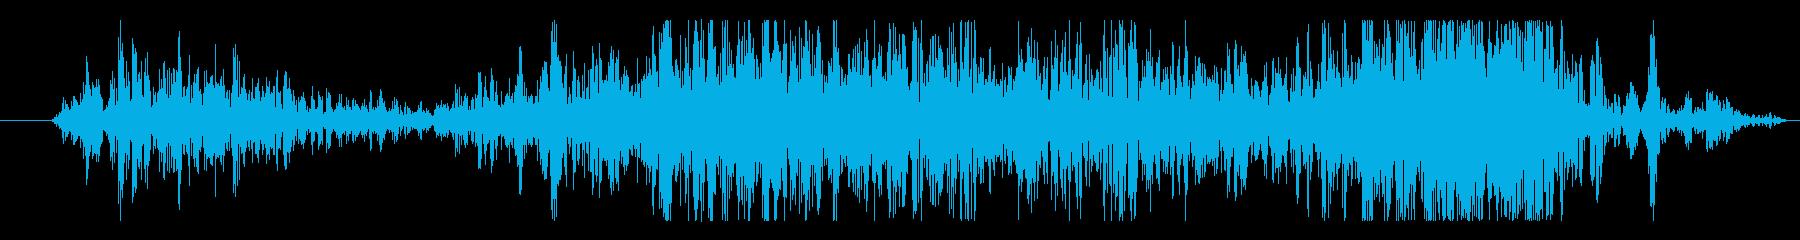 石 ゲートクローズ01の再生済みの波形